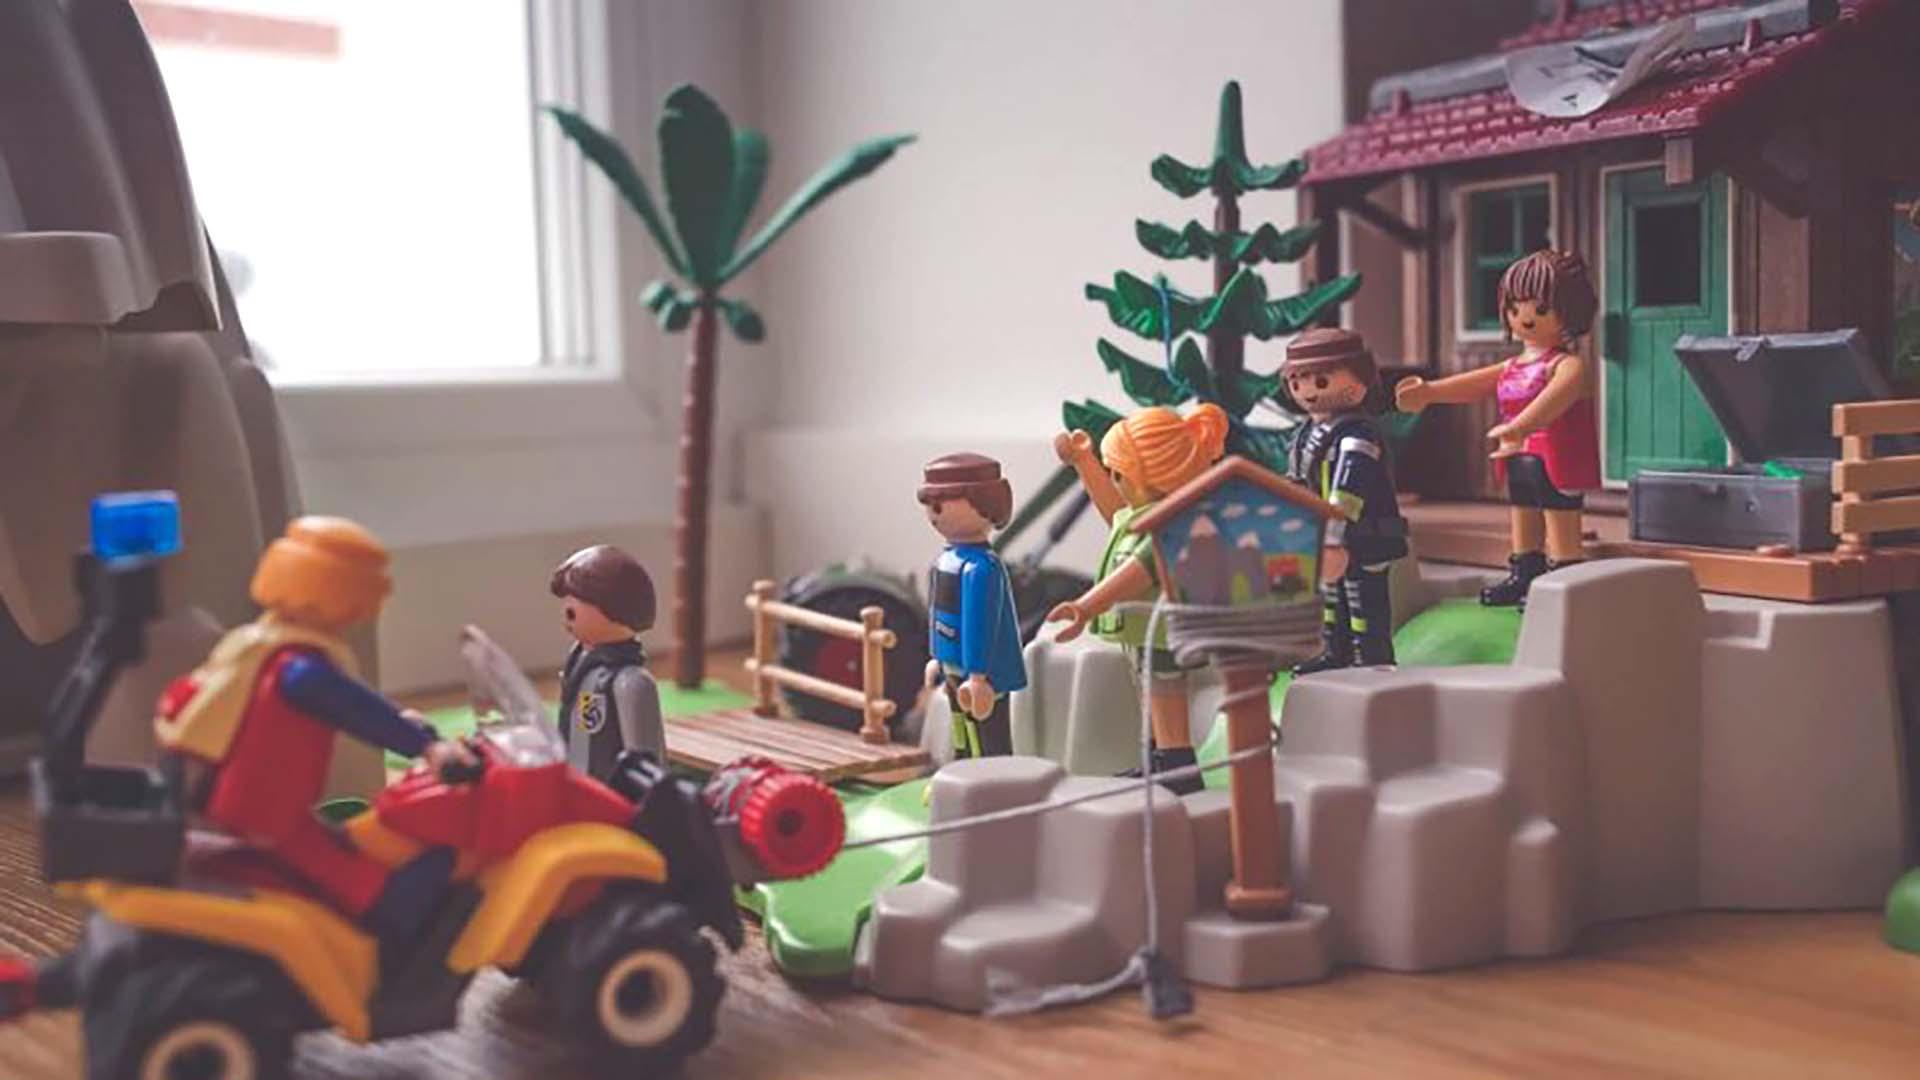 Con i Lego si può giocare, con l'ecosostenibilità no!